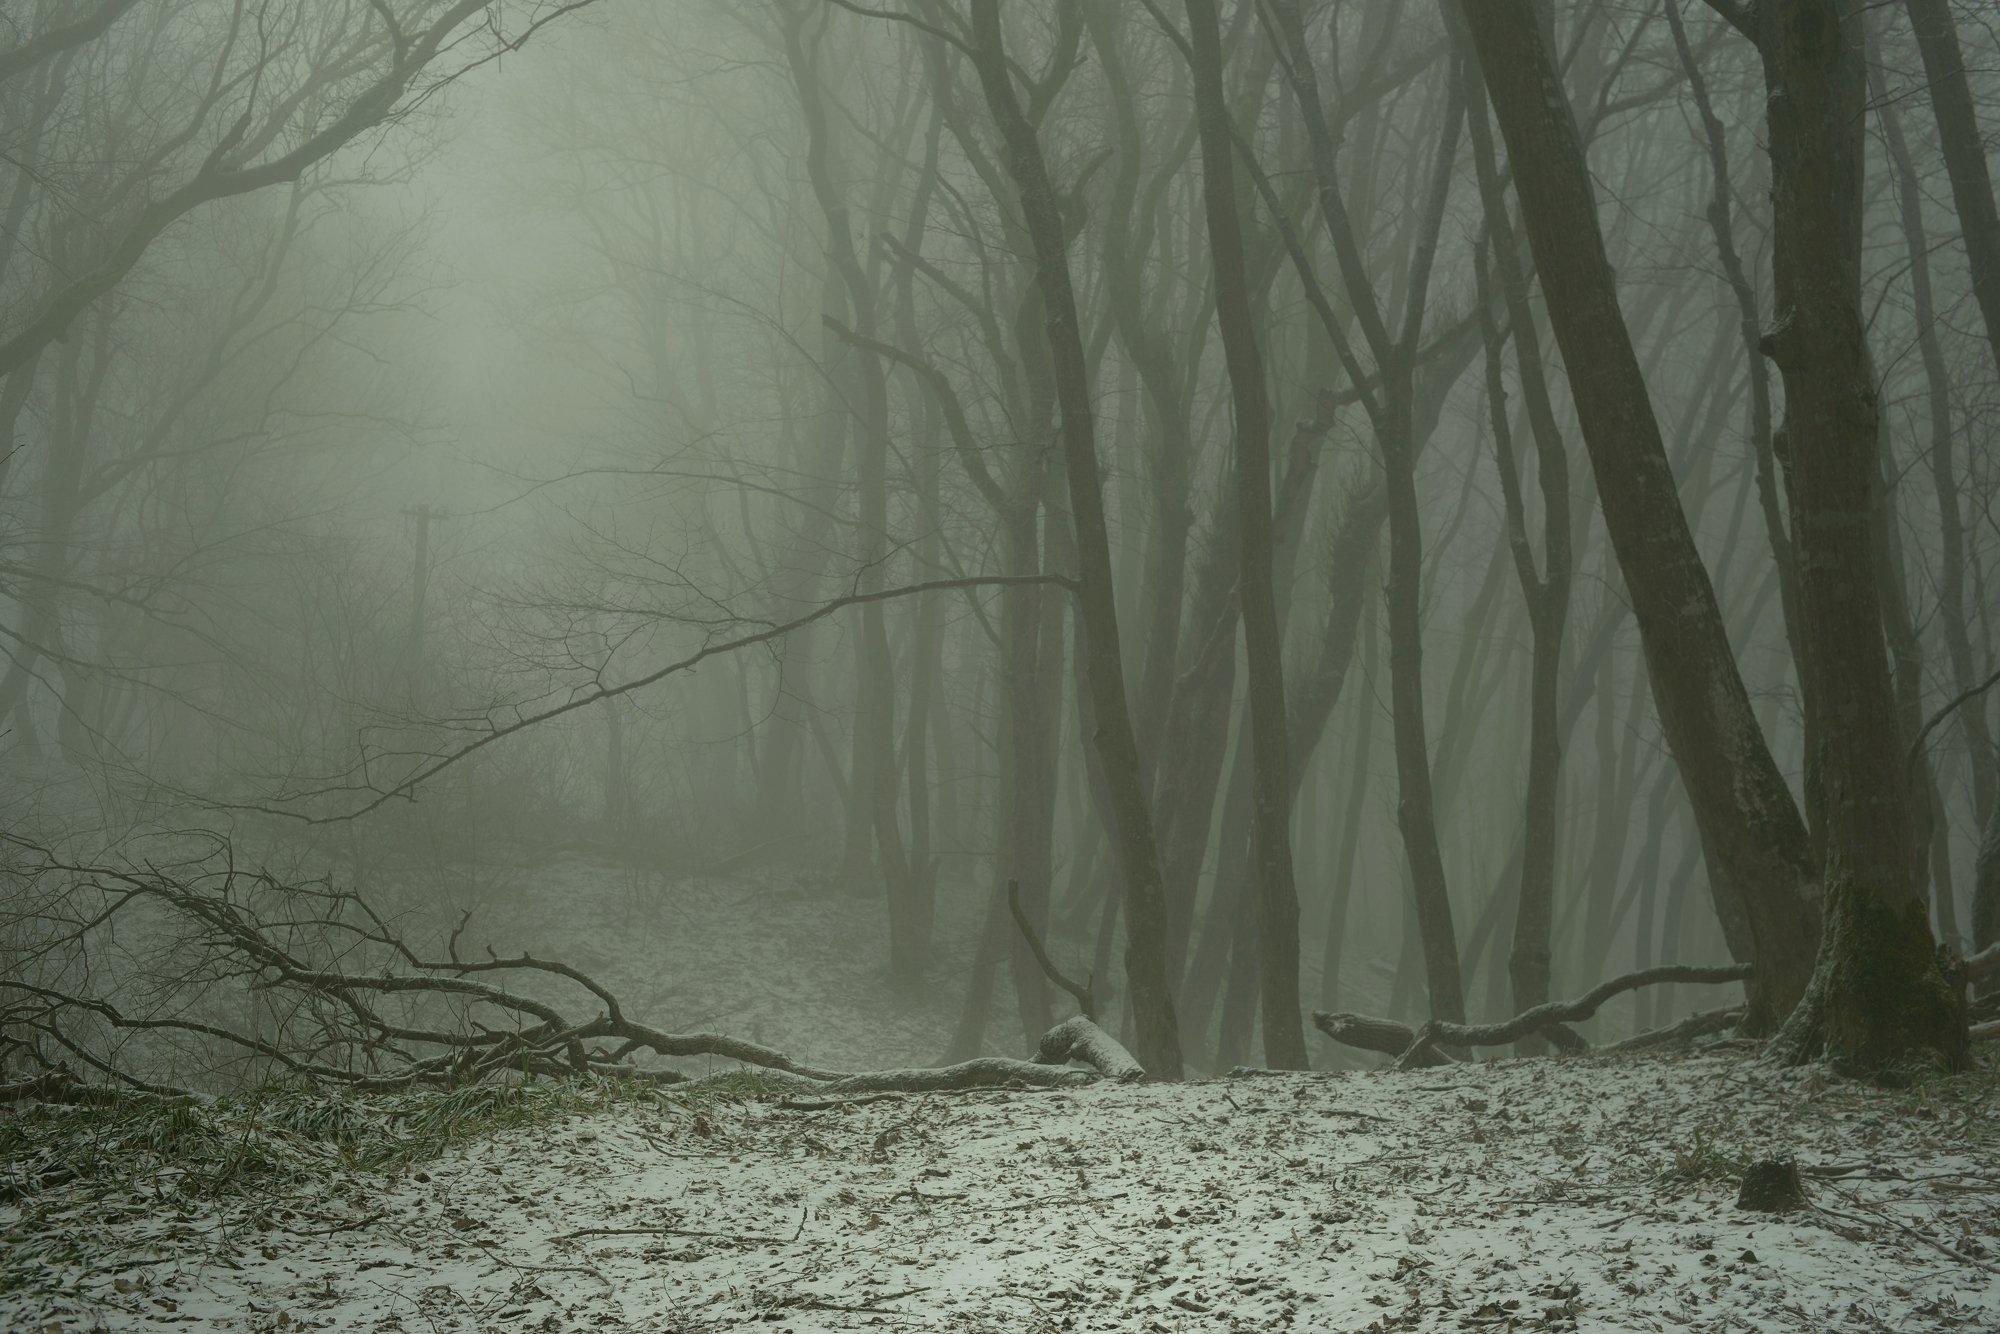 лес туман зима рассвет, Александр Жарников